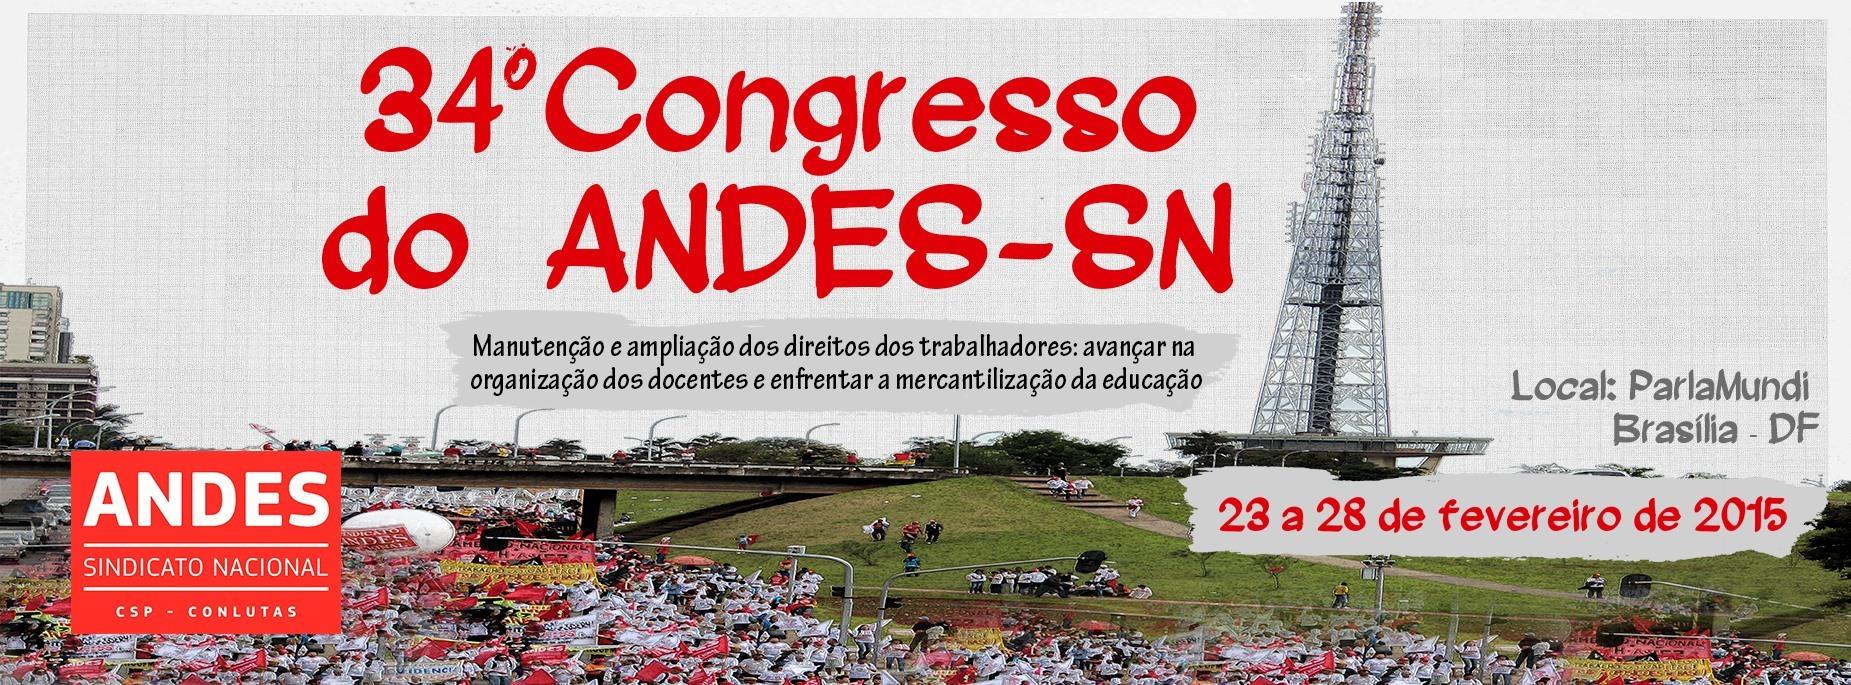 Divulgado anexo ao caderno de textos do 34º Congresso do ANDES-SN